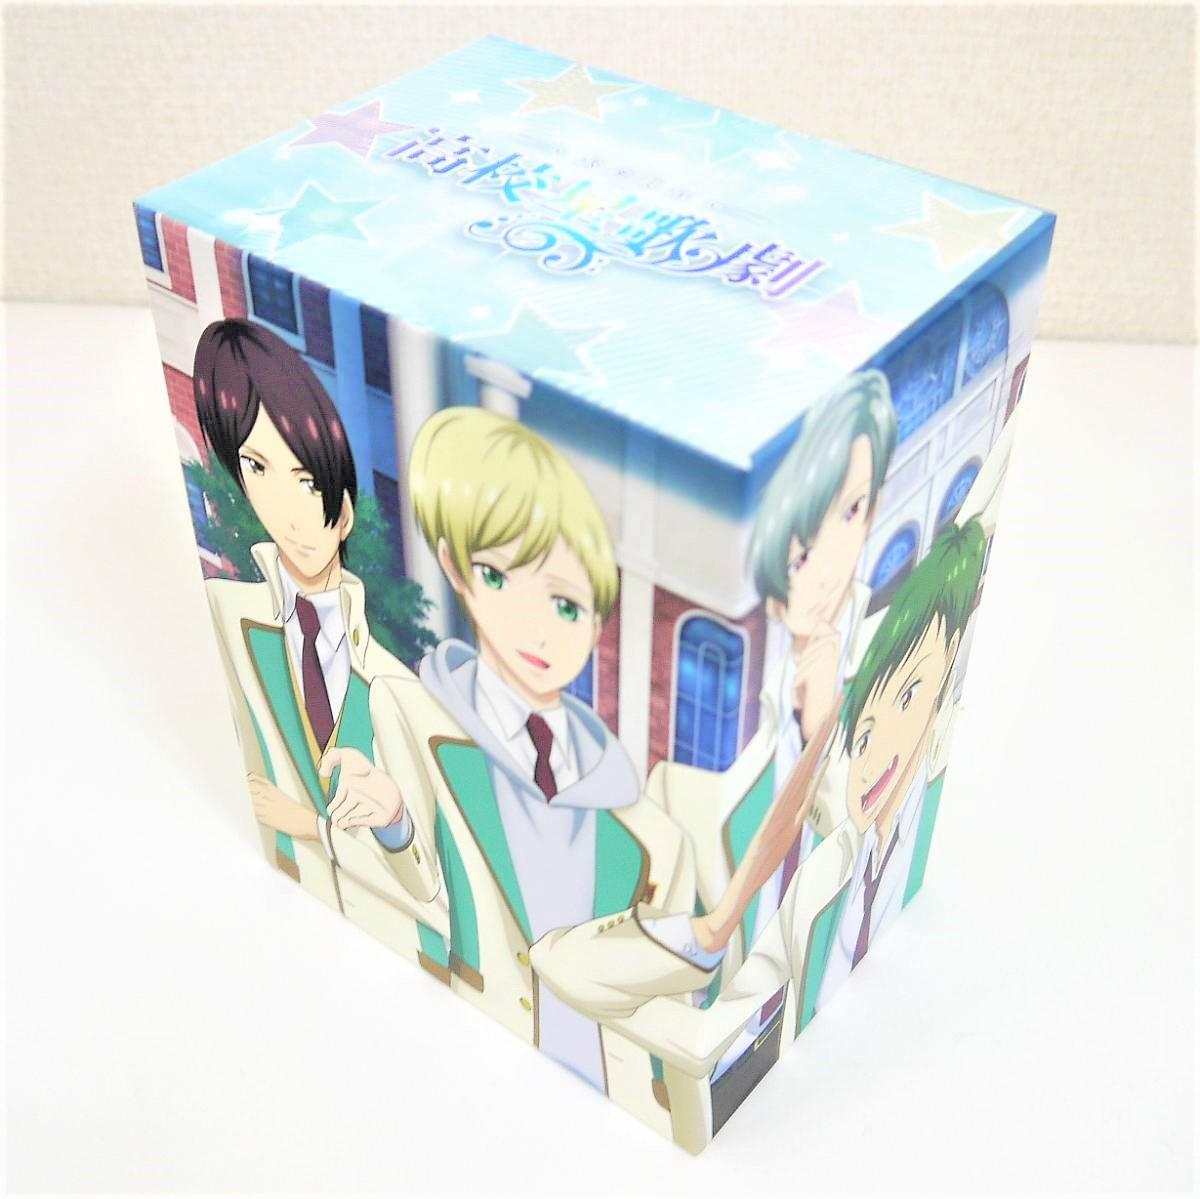 買取したスタミュ -高校星歌劇-(第2期)全巻セットの収納BOX